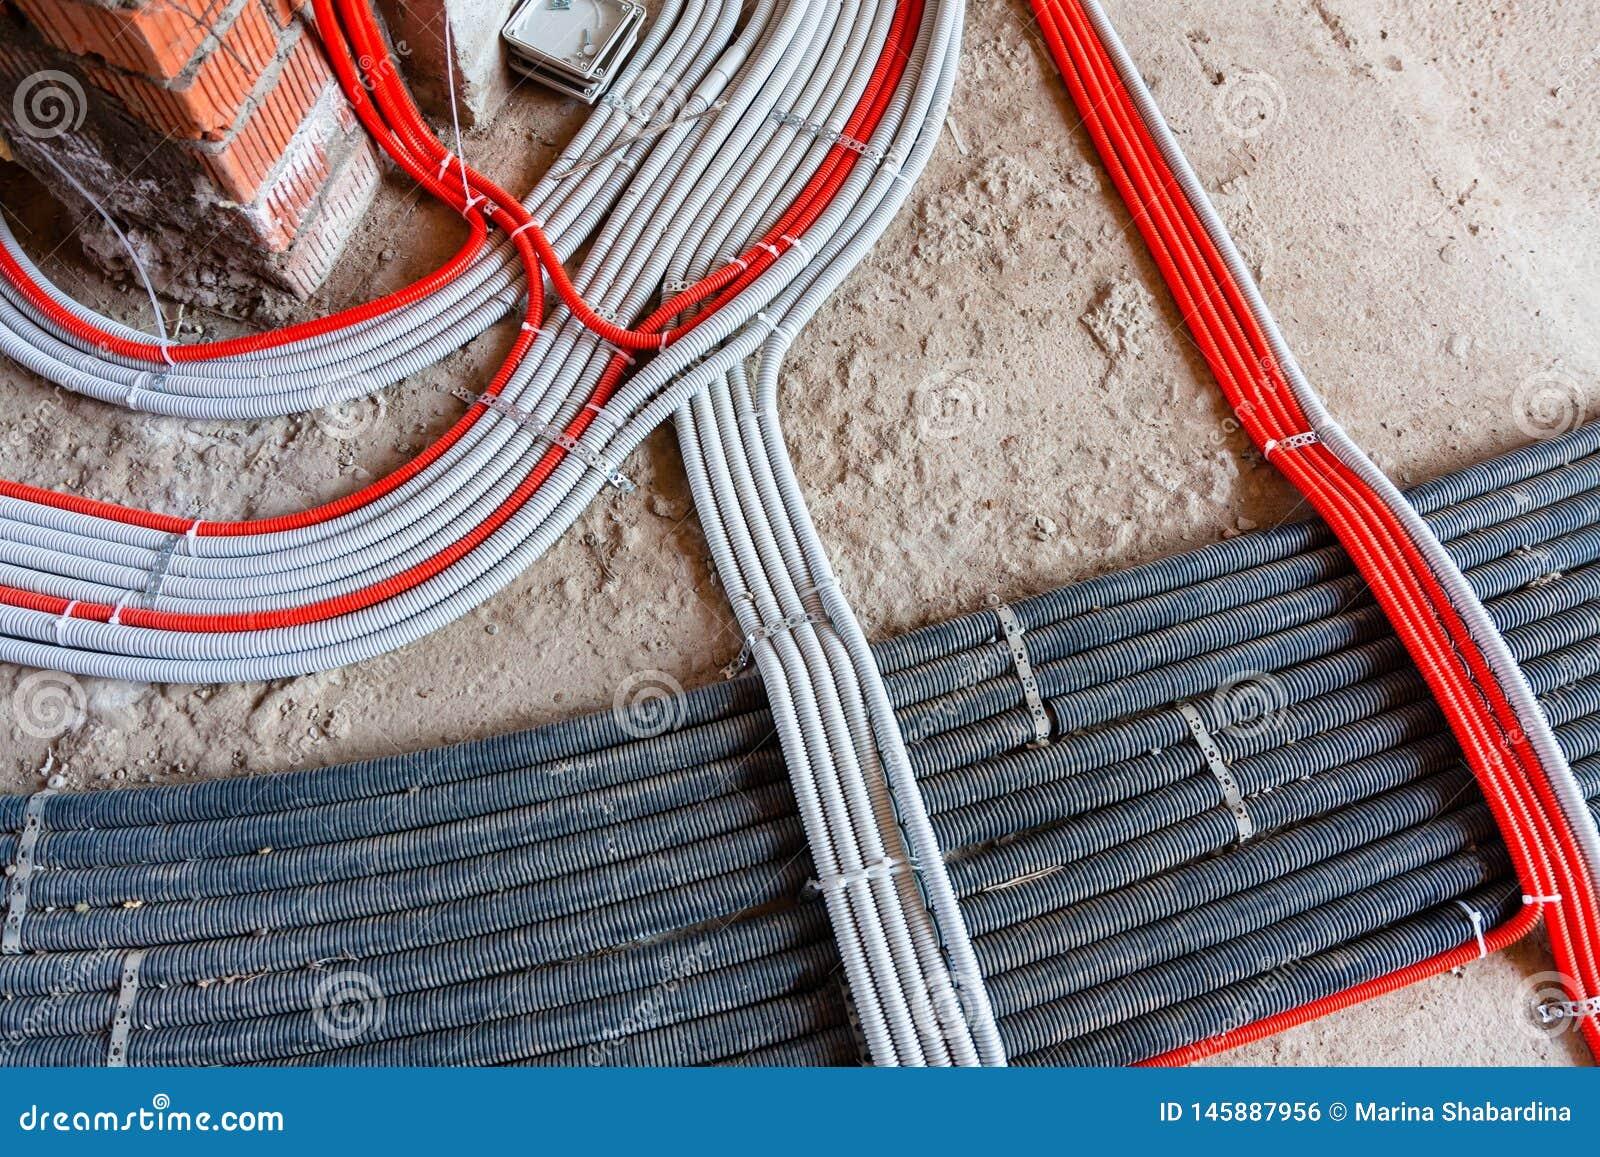 Het leggen van elektriciteitskabels, netwerken, het verwarmen Golflijnen op beton